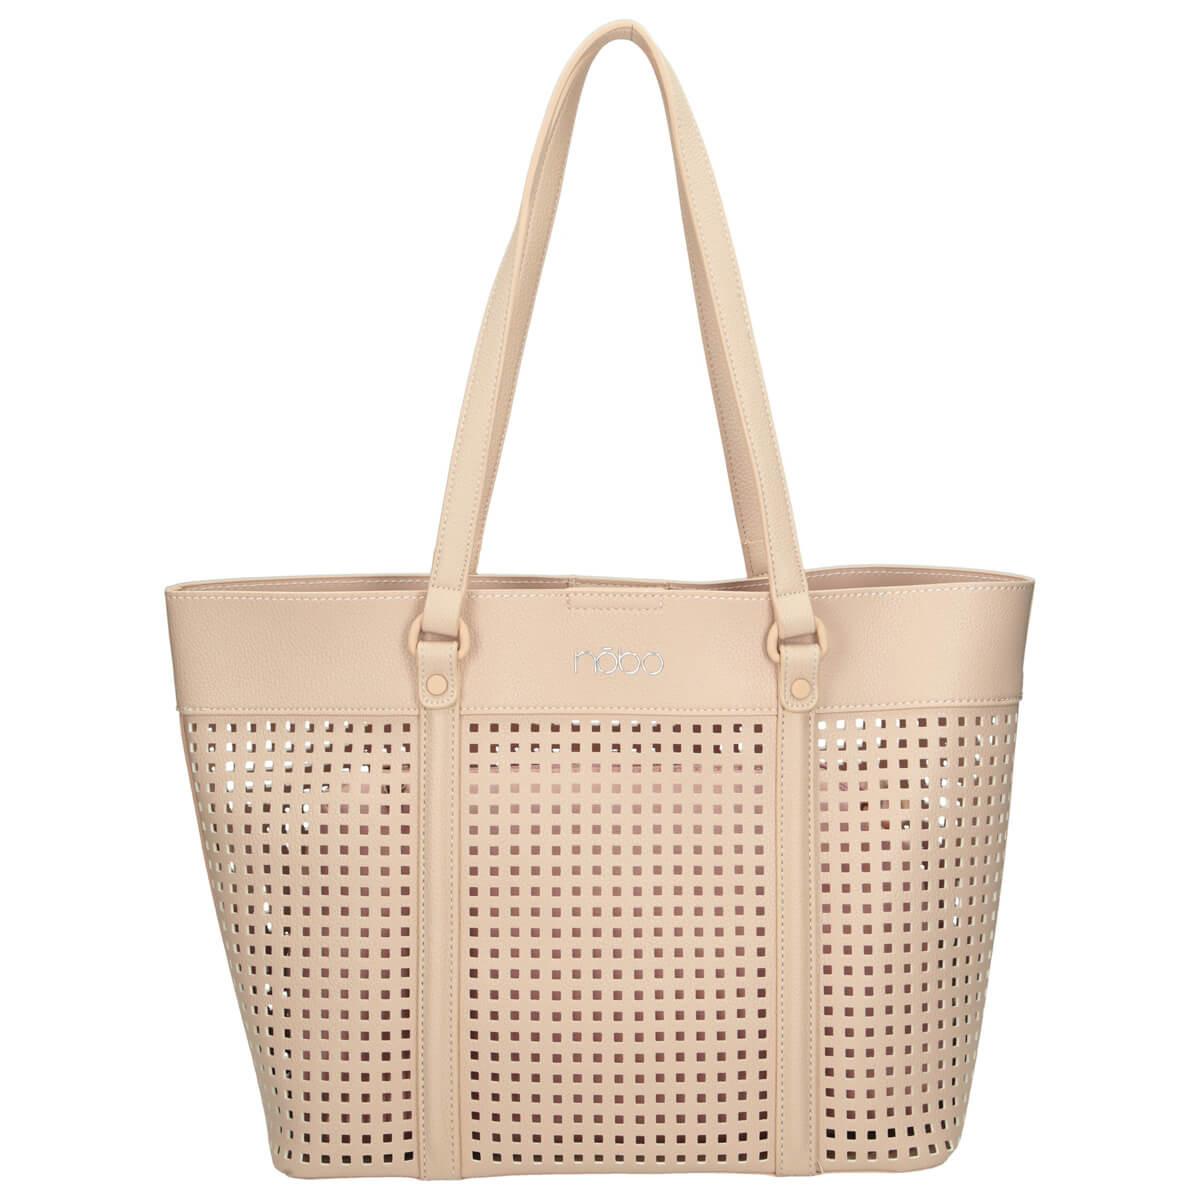 Nobo Woman's Bag NBAG-I0300-C004